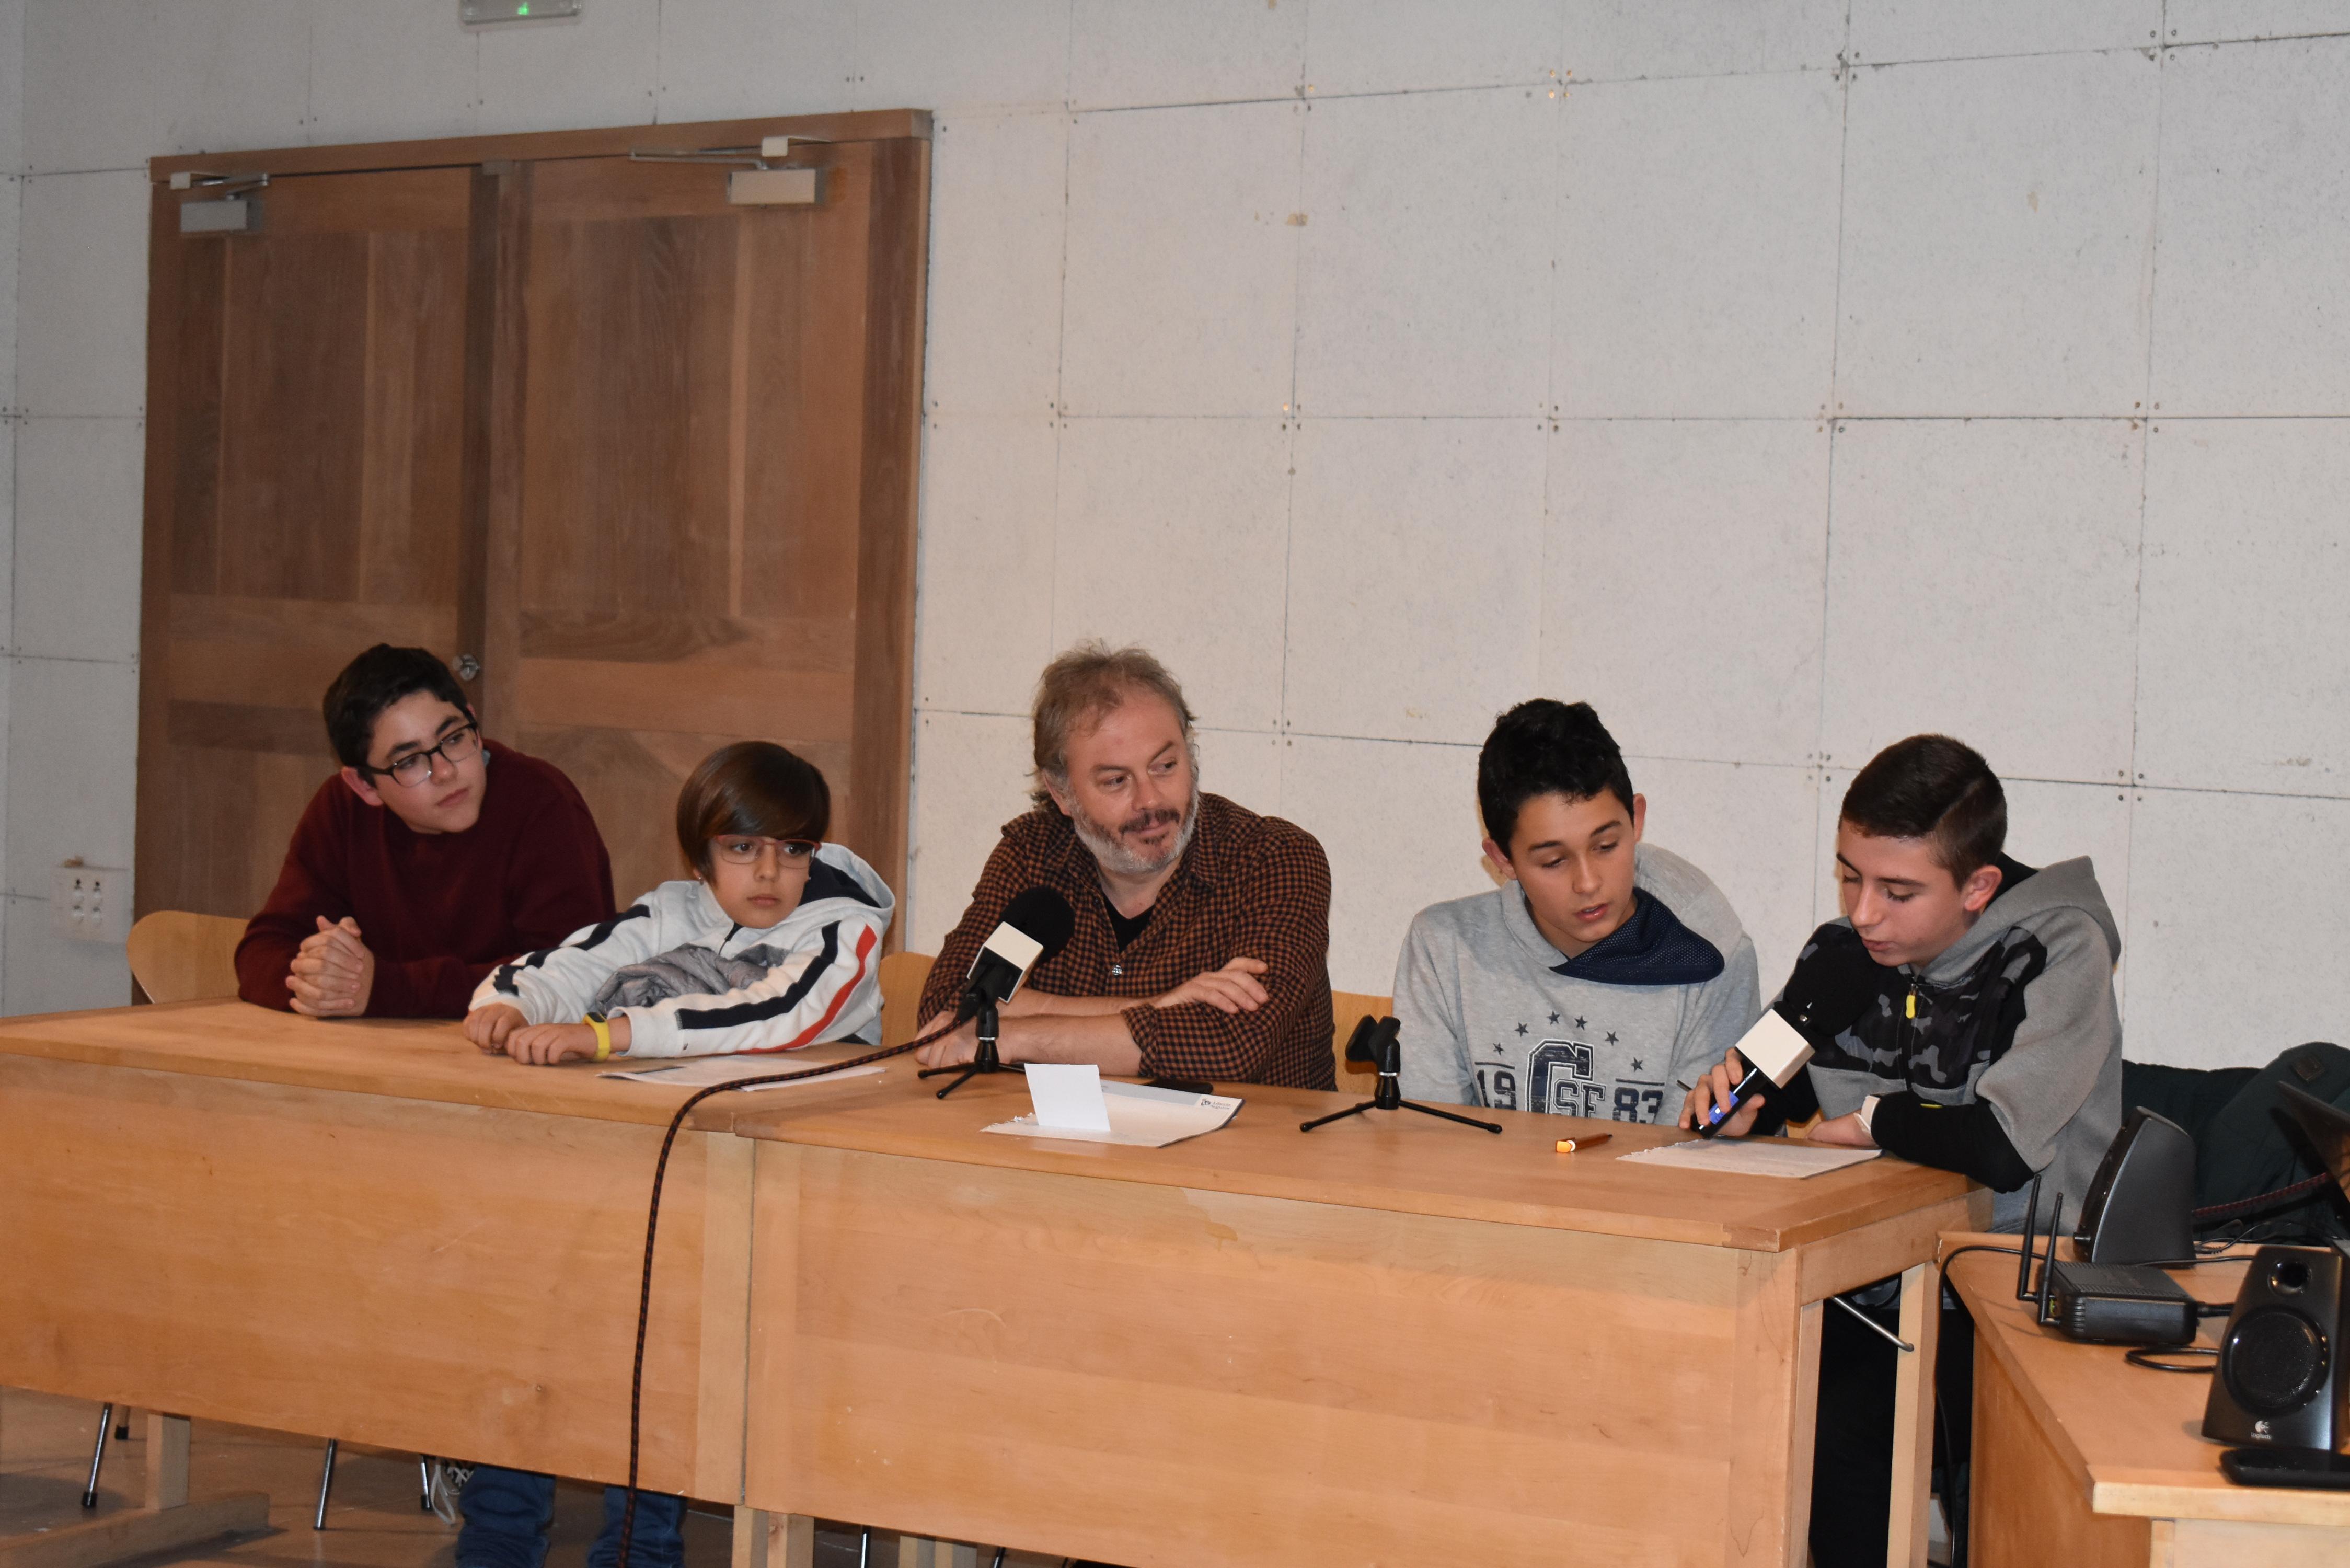 Entrevista al poeta Raúl Vacas miembro de La Sal e impulsor del I Salón del Libro